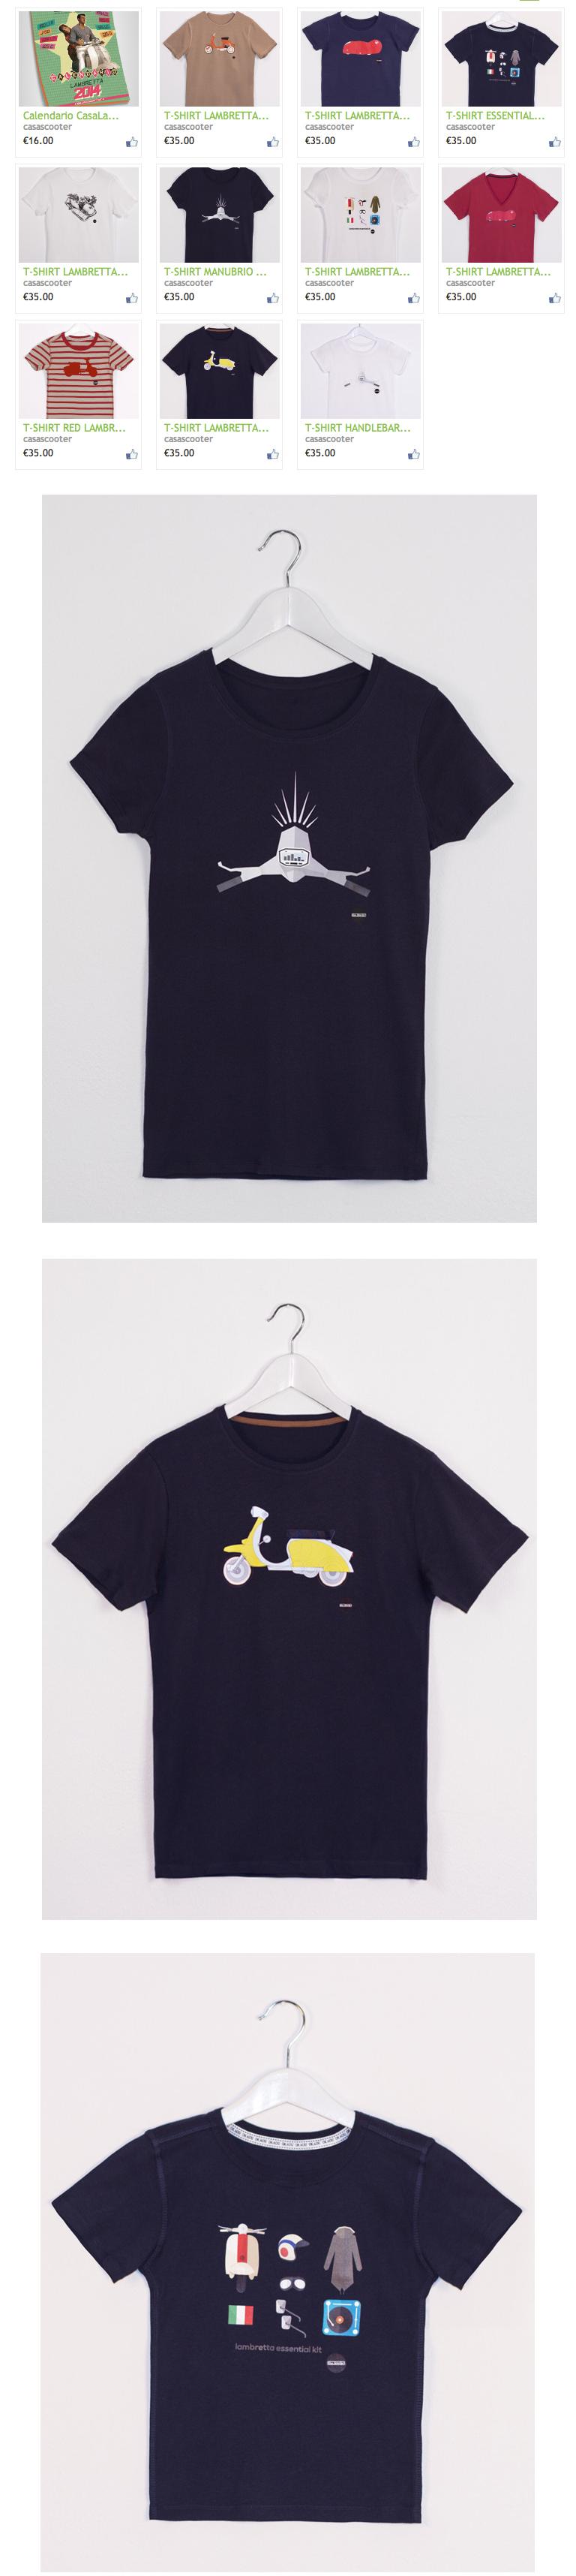 Casa Lambretta T-shirts Scooters